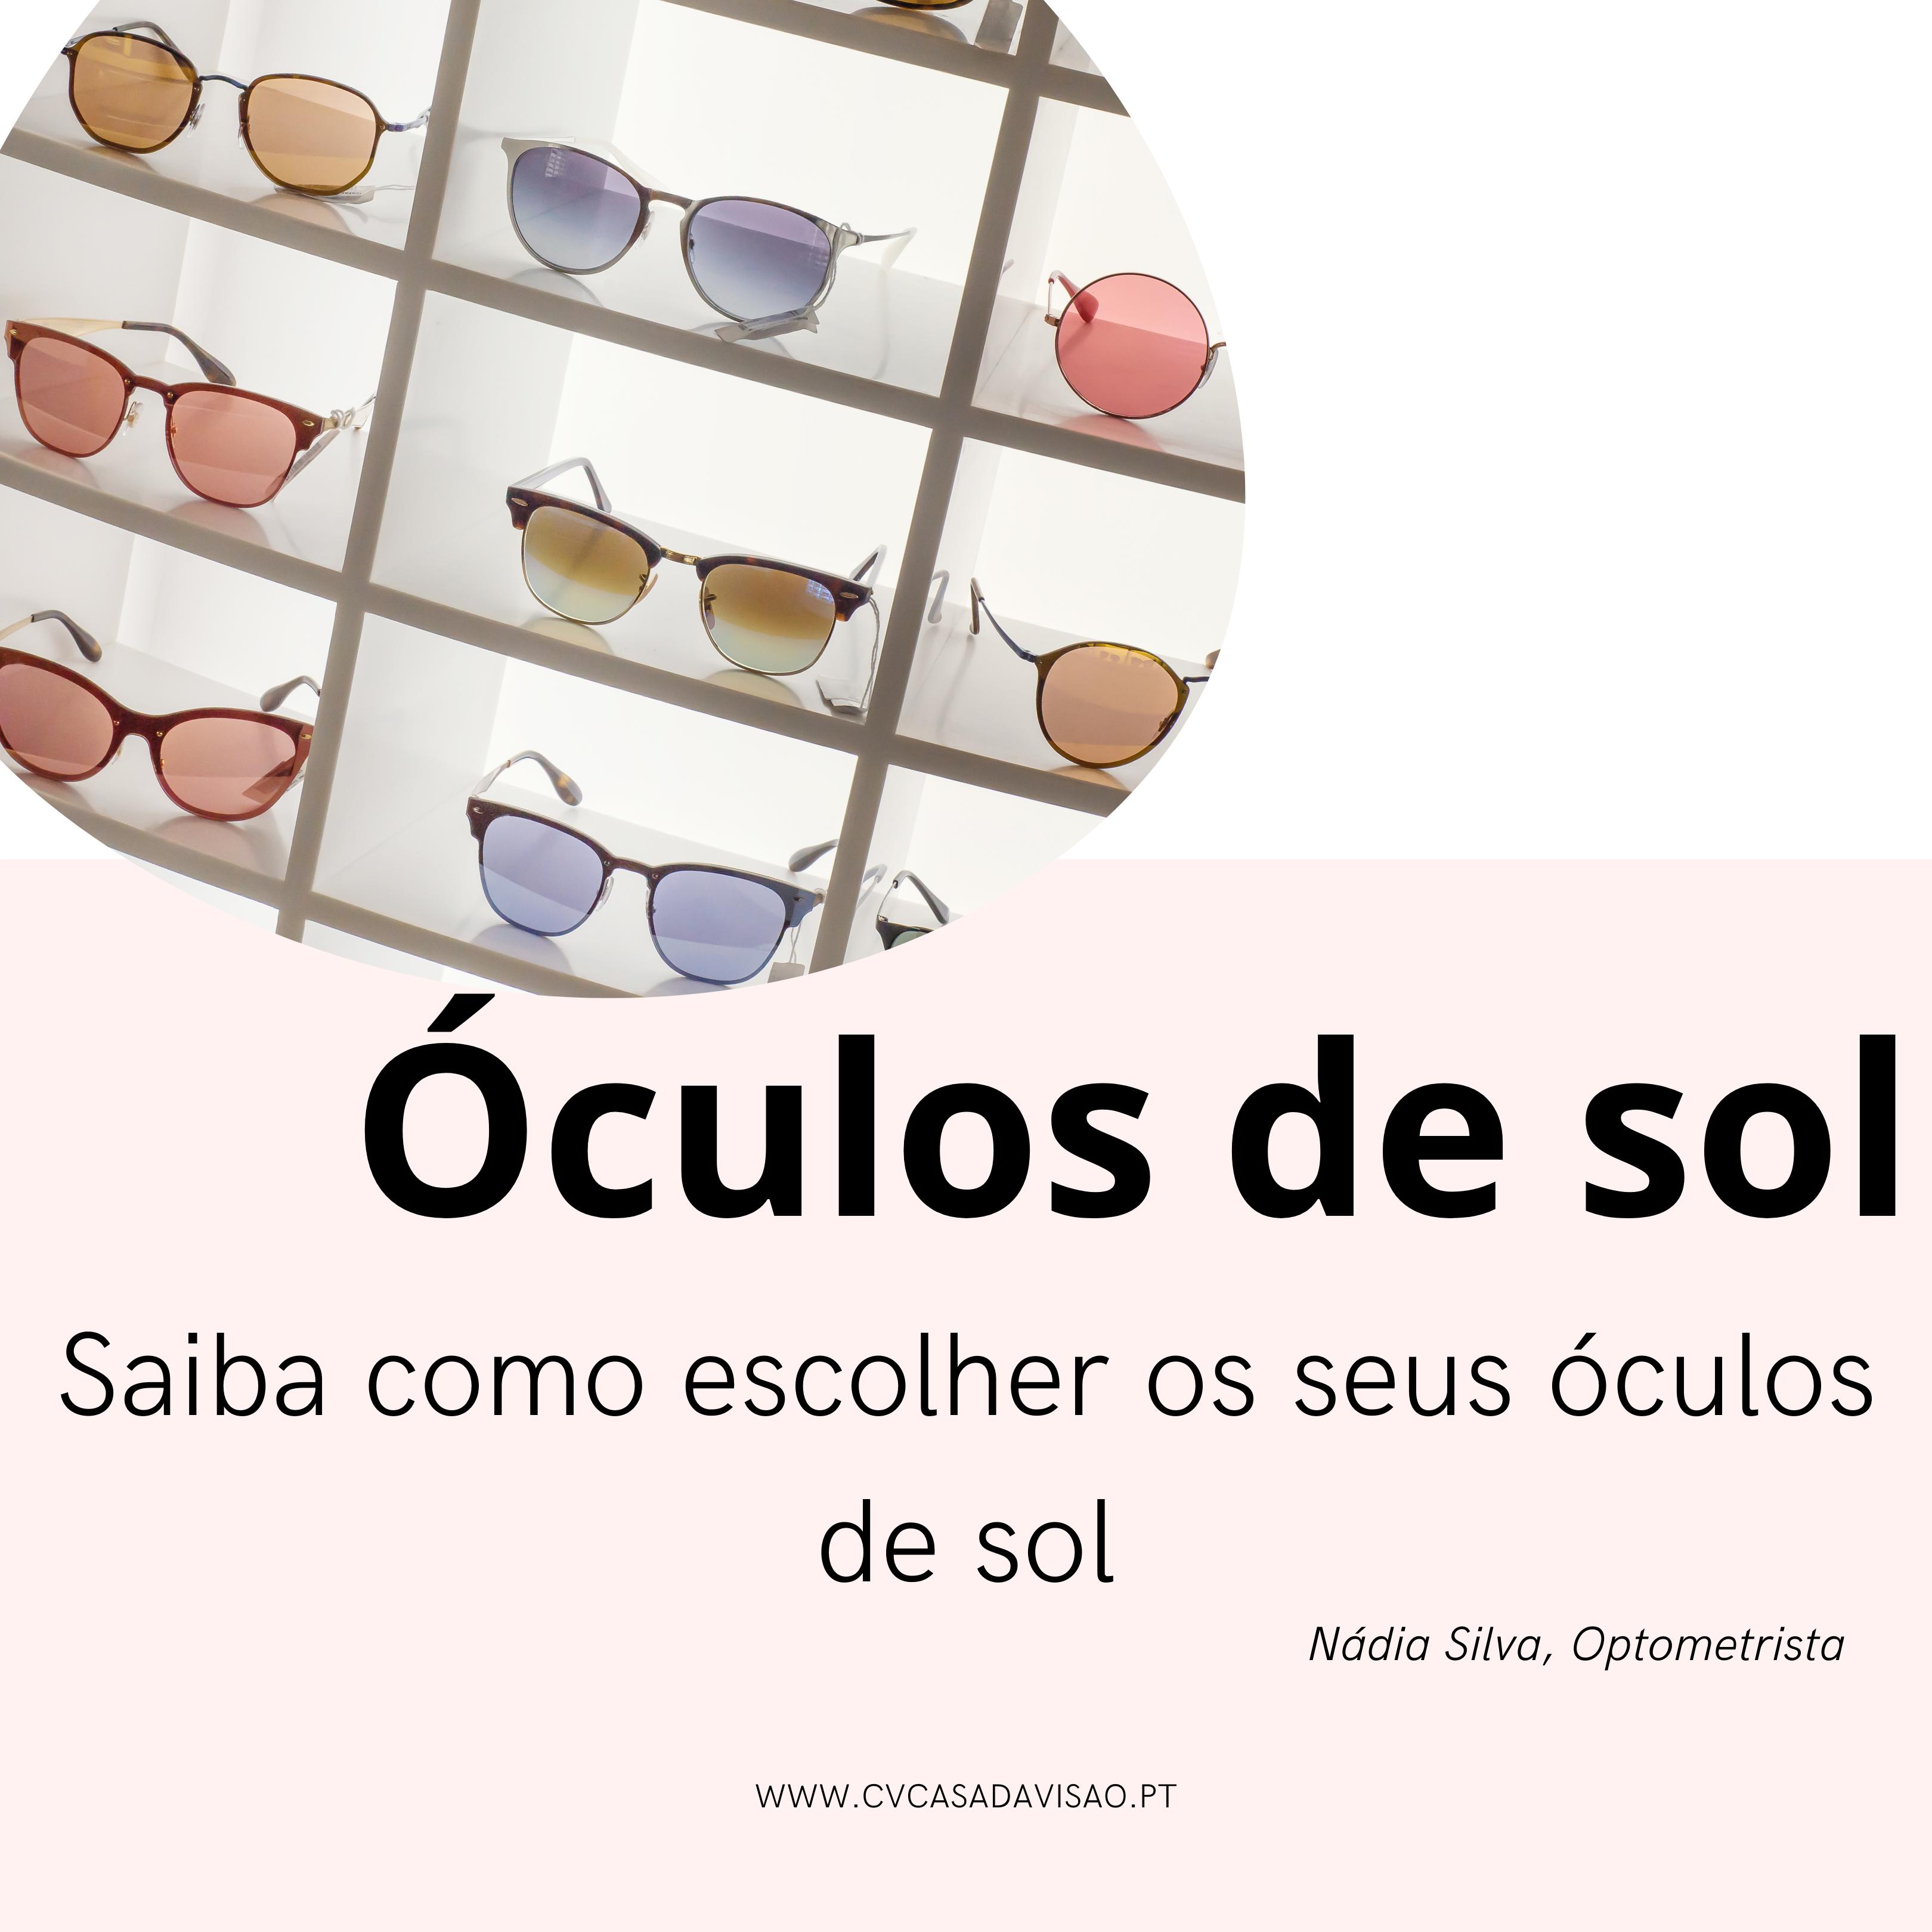 Saiba como escolher os seus óculos de sol